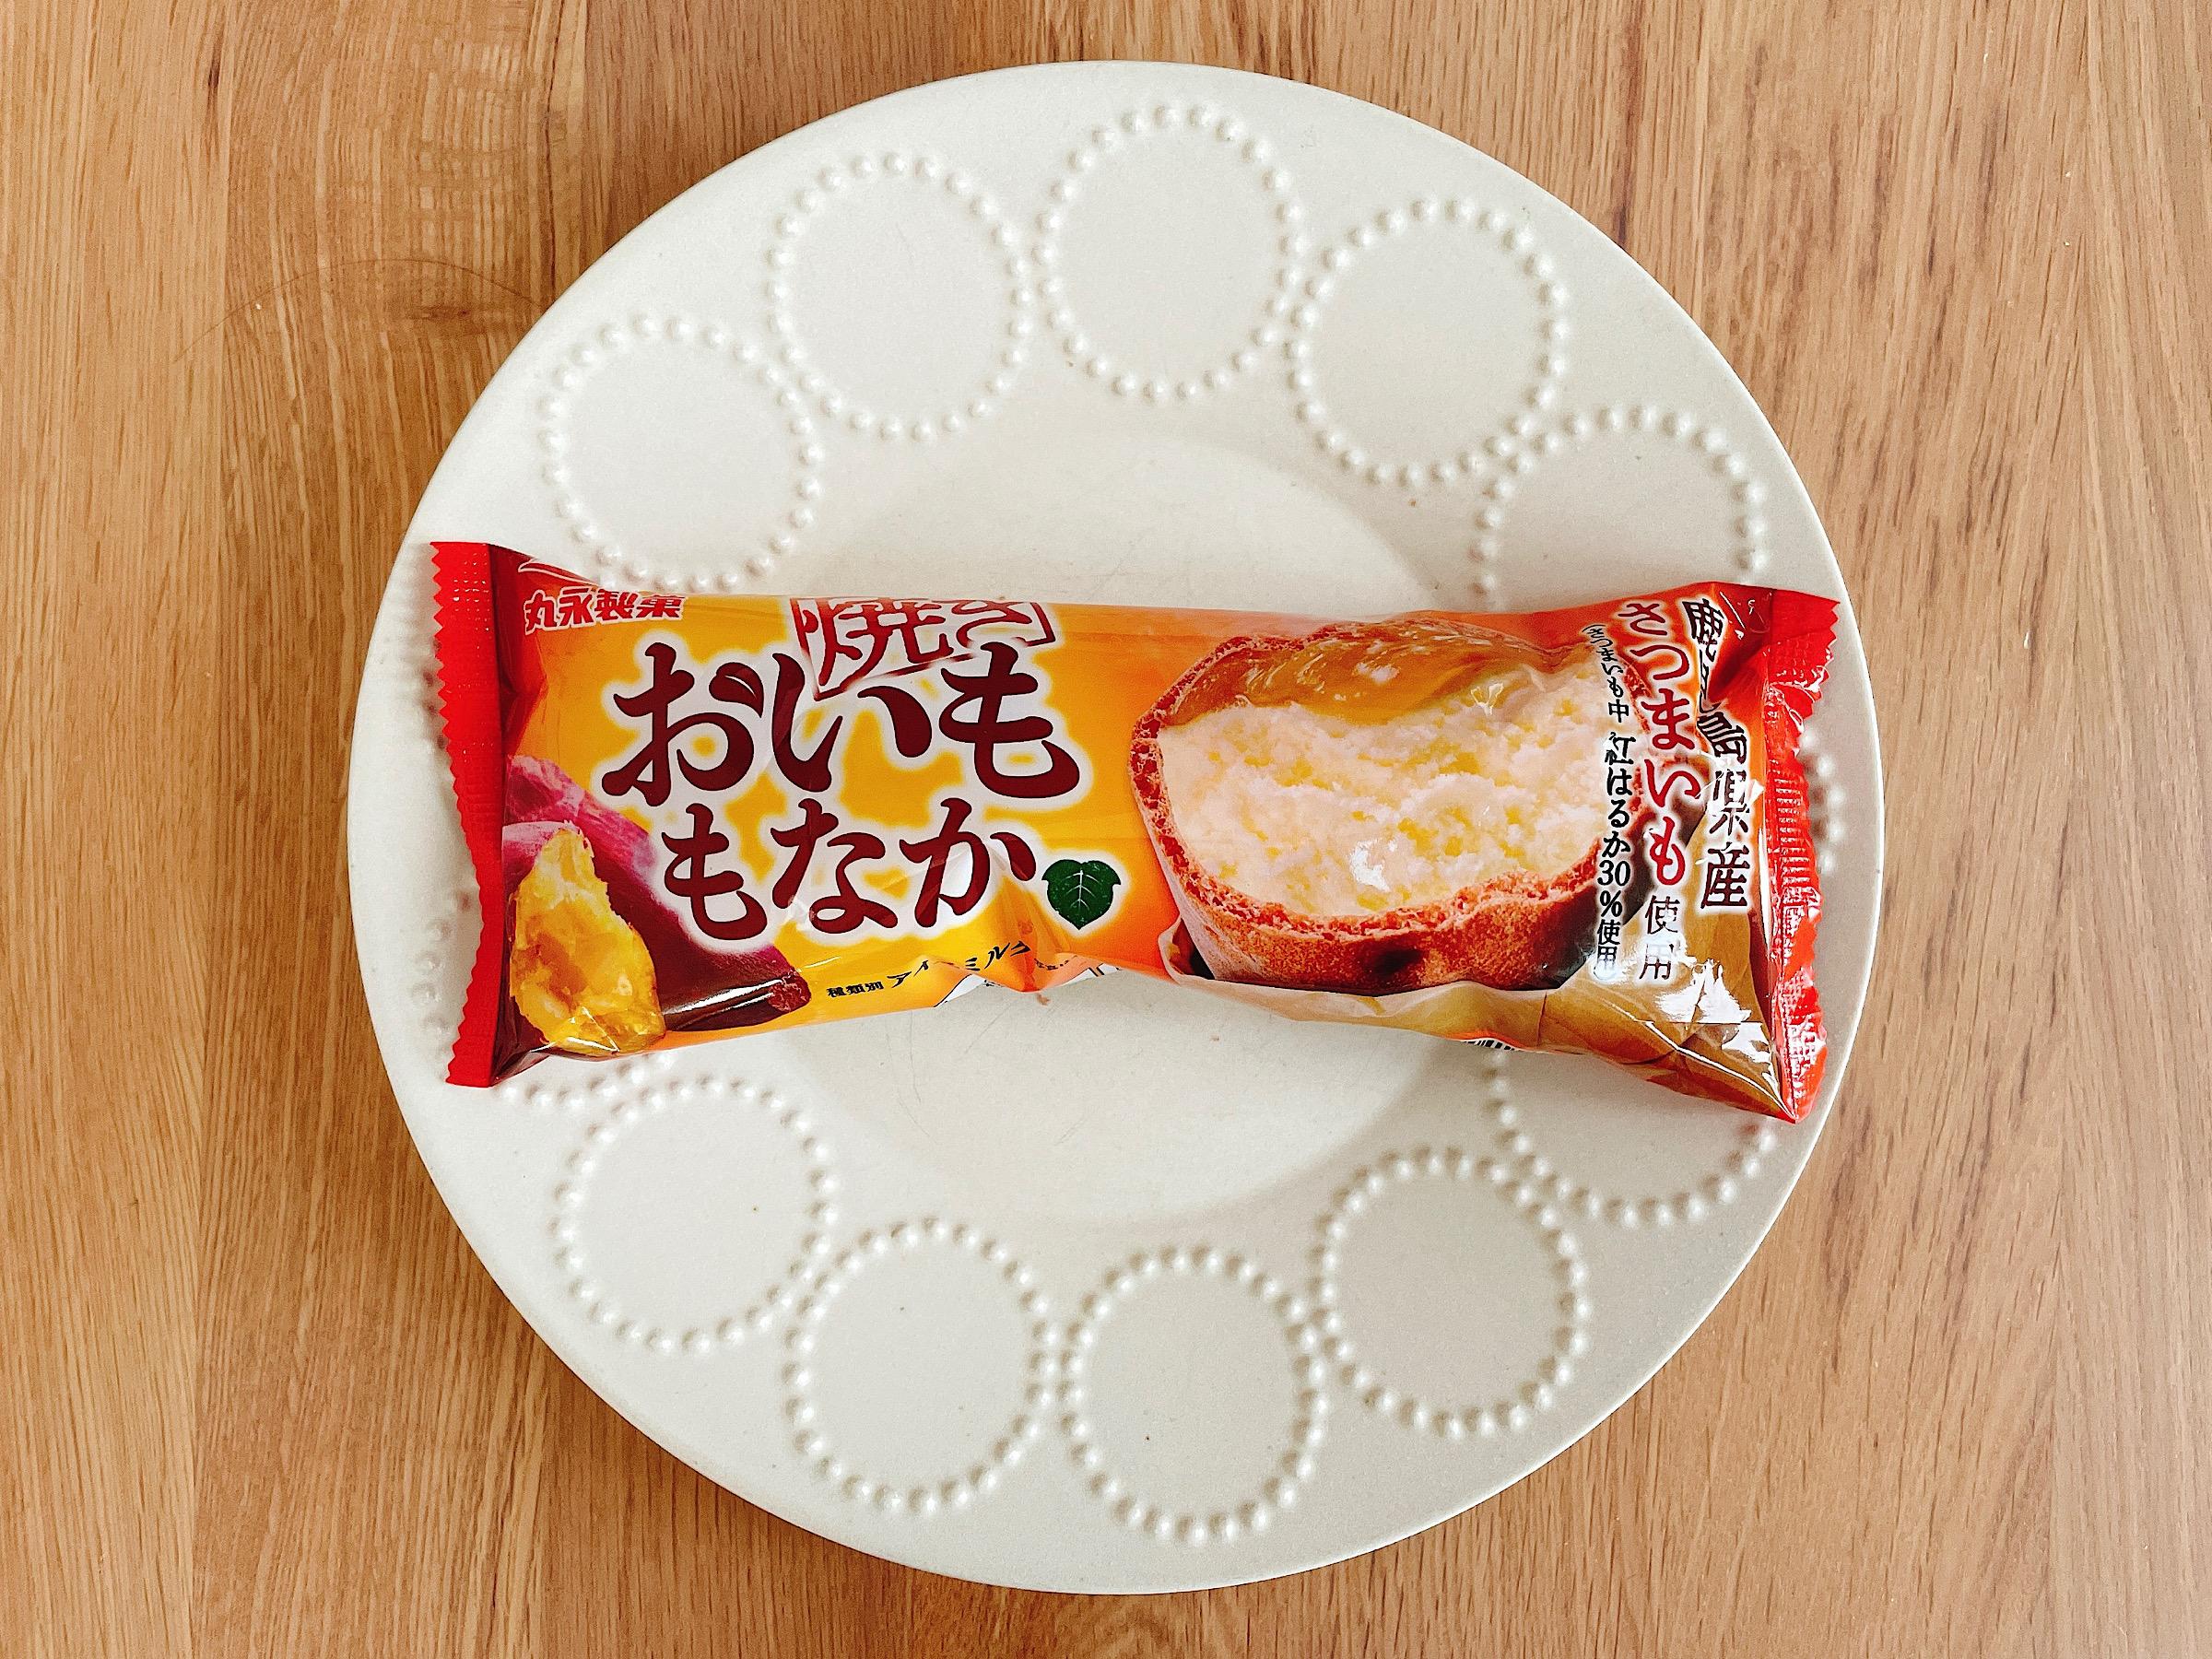 【コンビニスイーツ】 まるっと《おいも》なおすすめアイスは今しか食べられない!_2